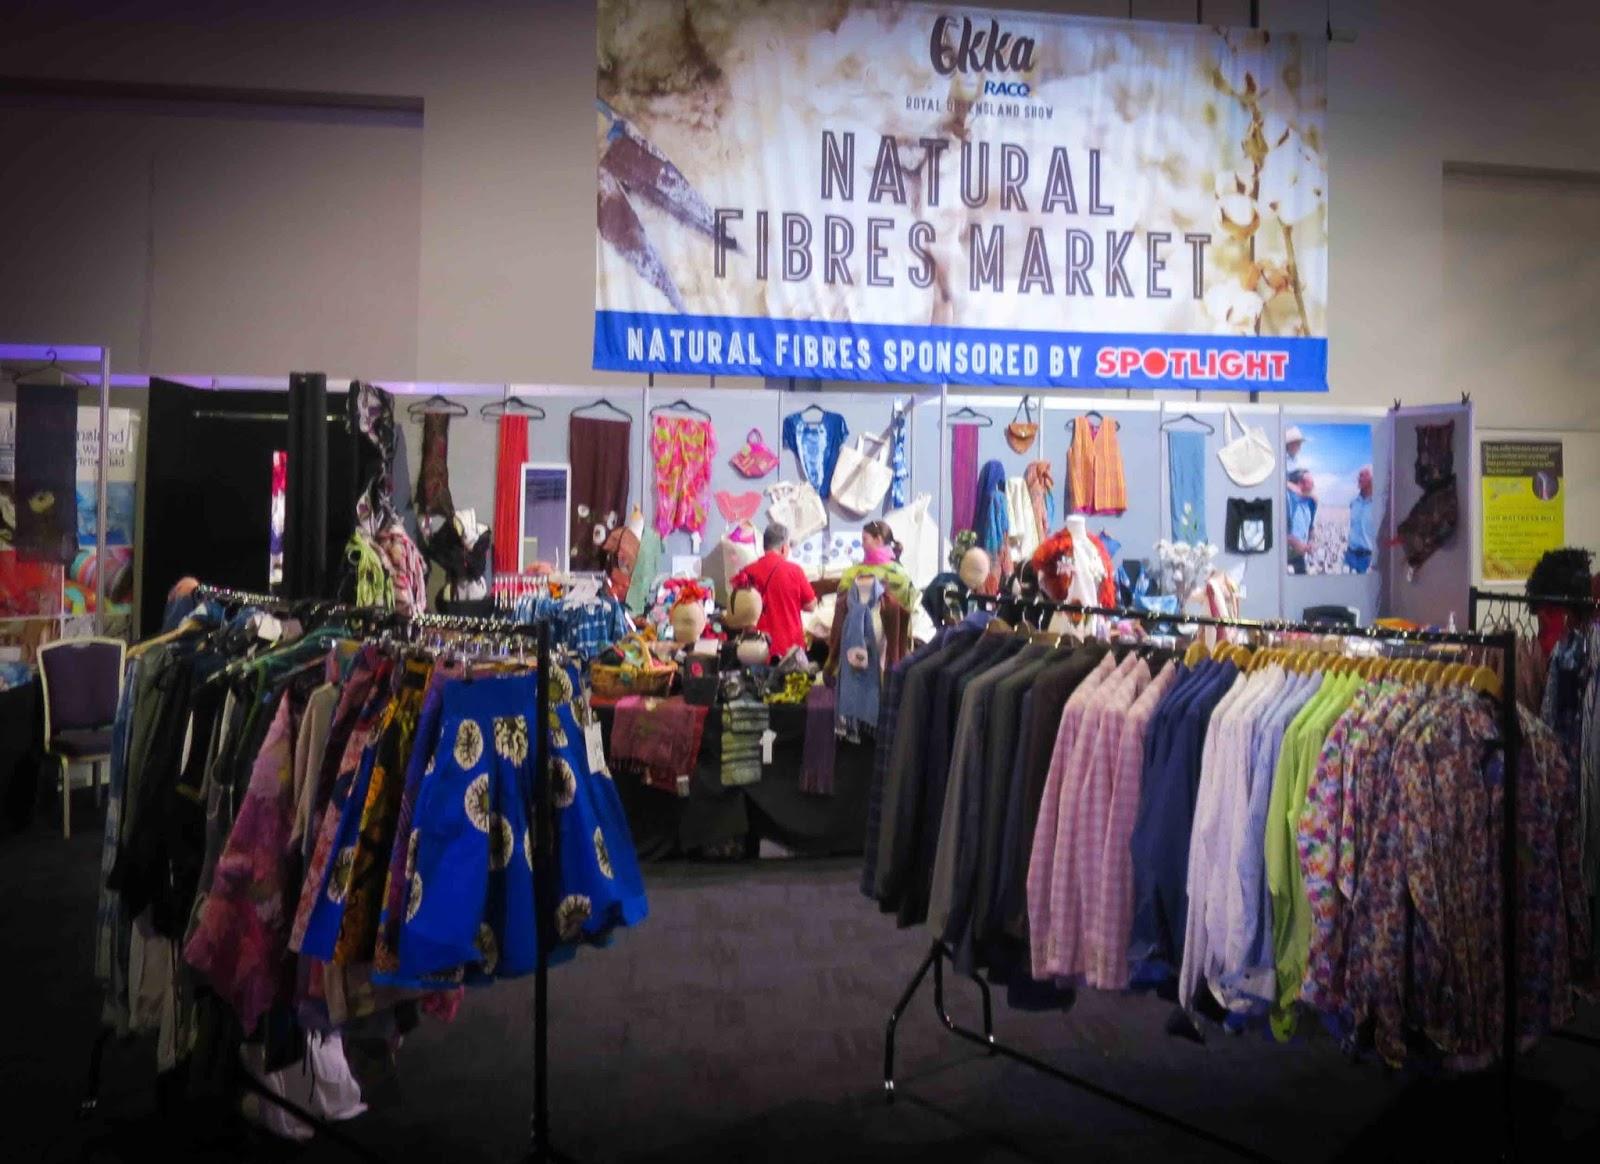 ekka natural fibres market  recycled art  millinery